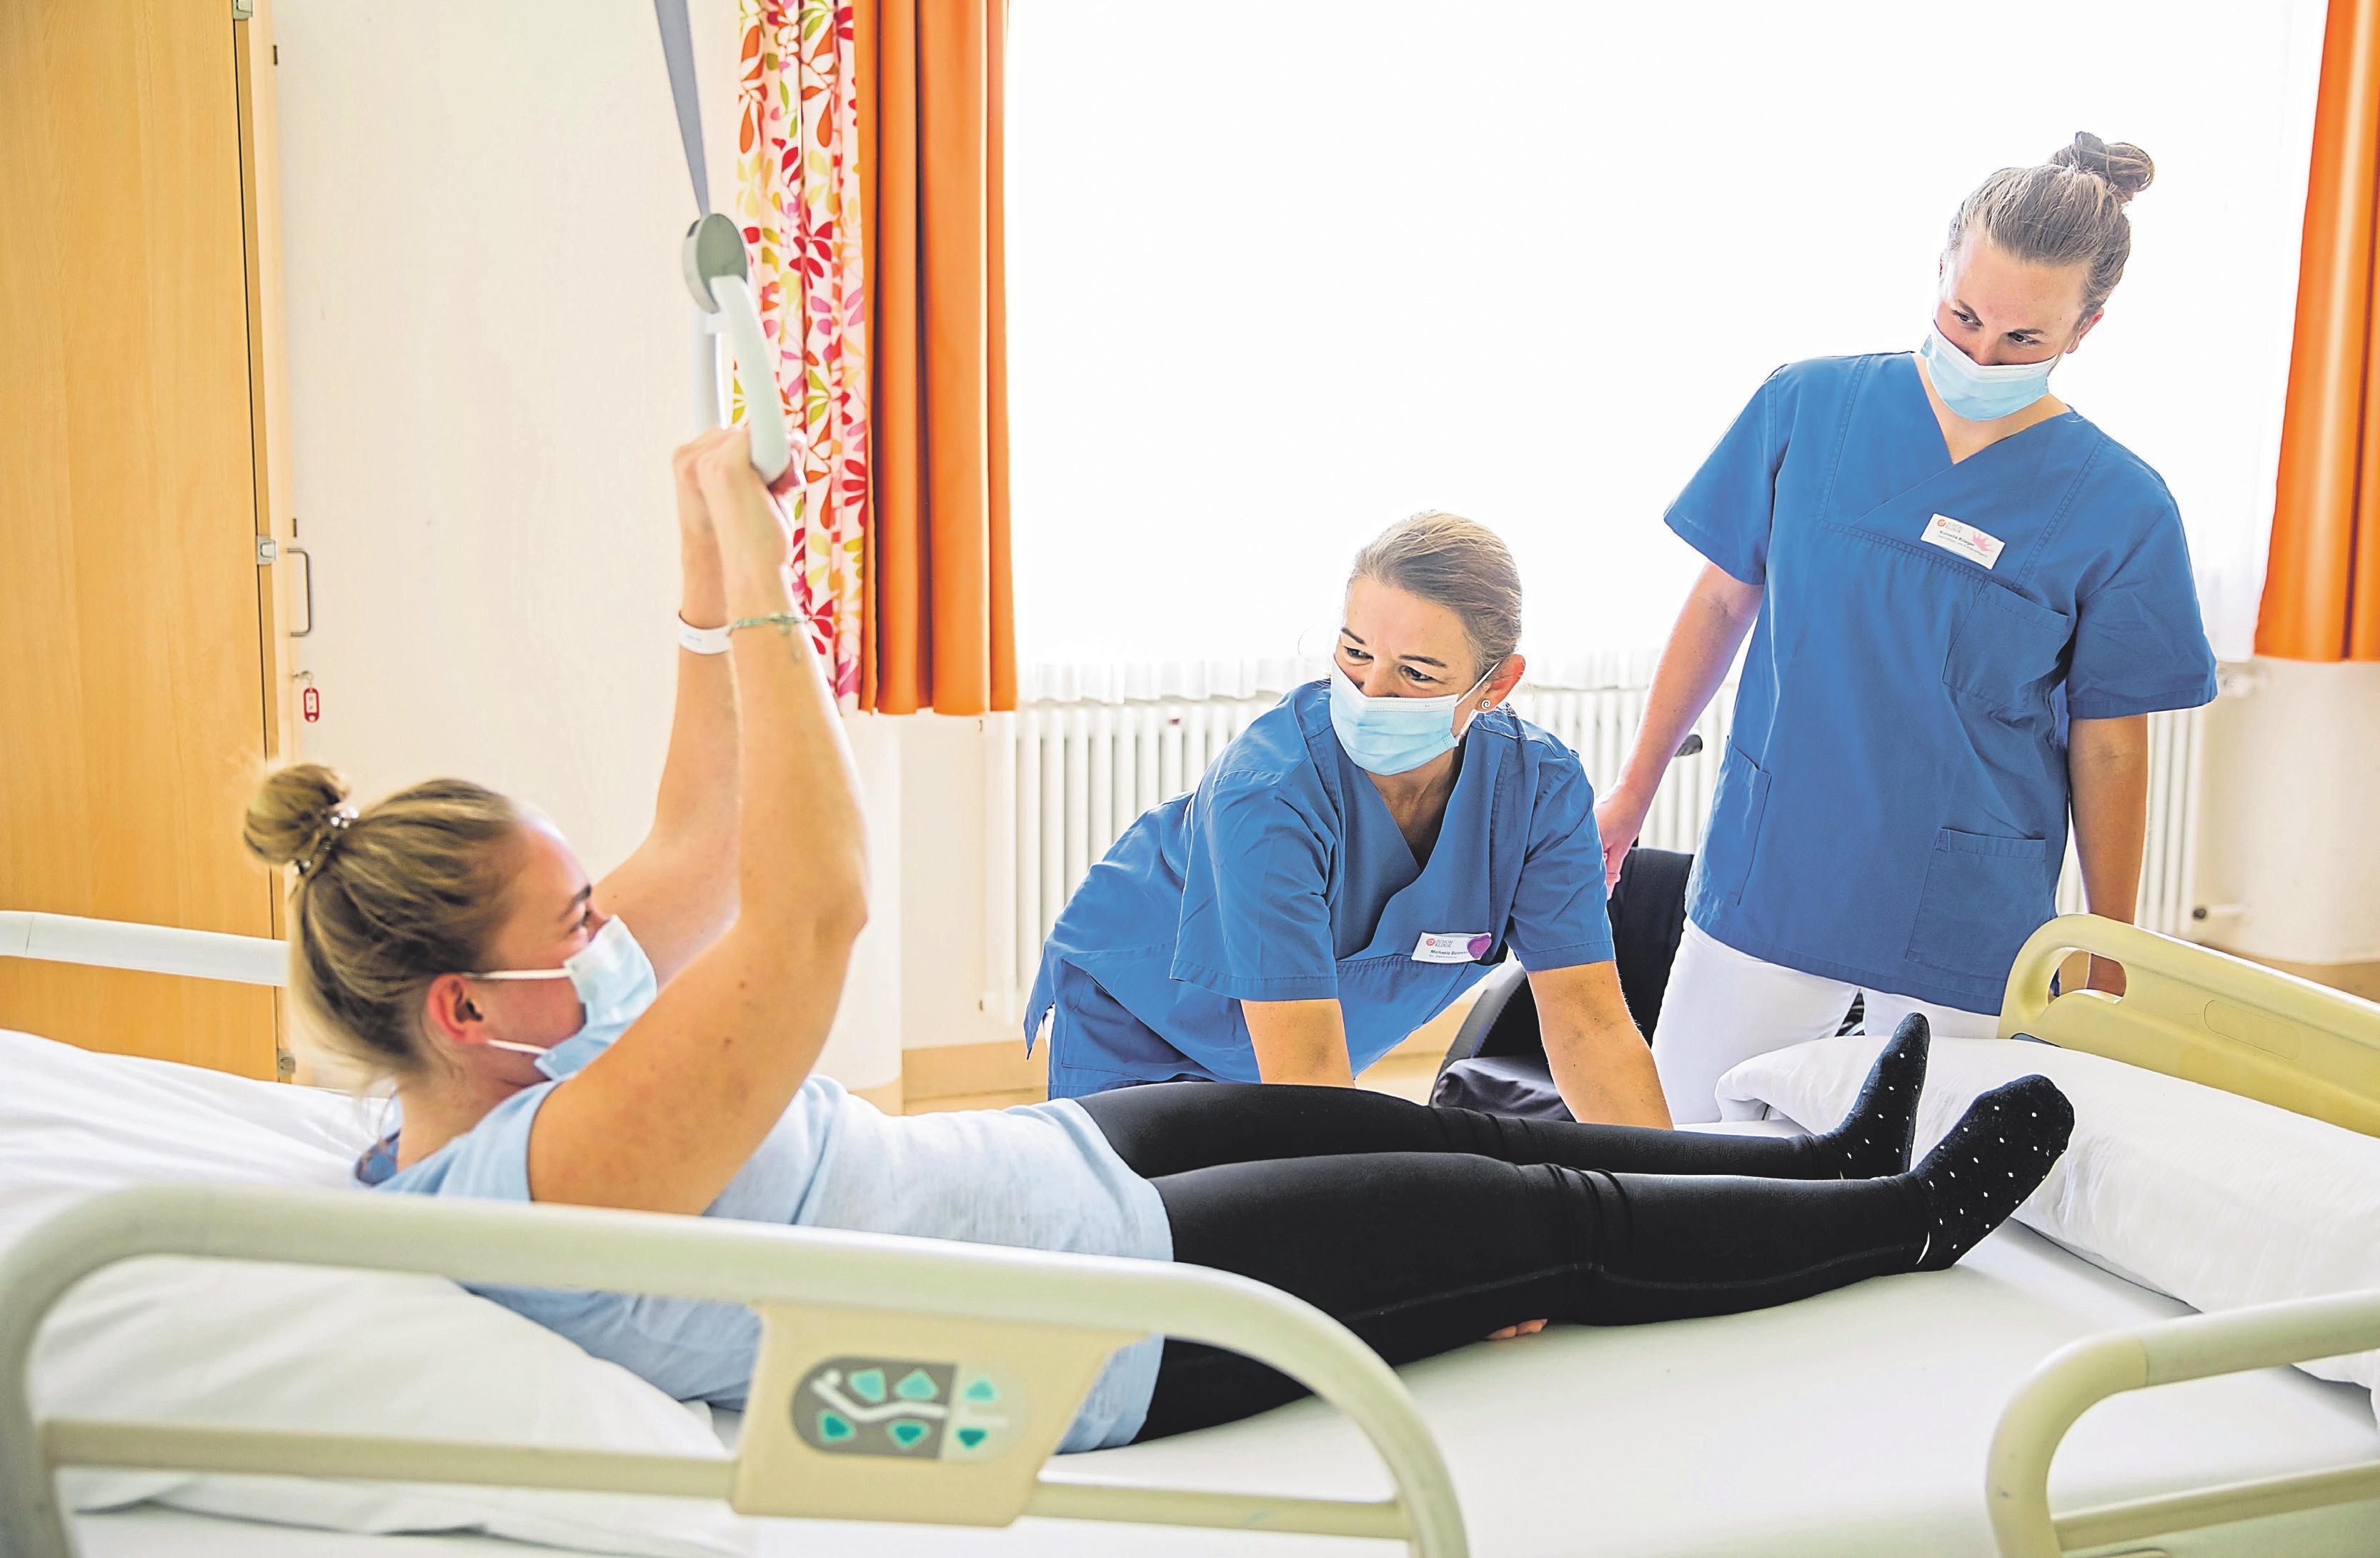 Die Pflegeberufe werden zunehmend attraktiver  Image 2